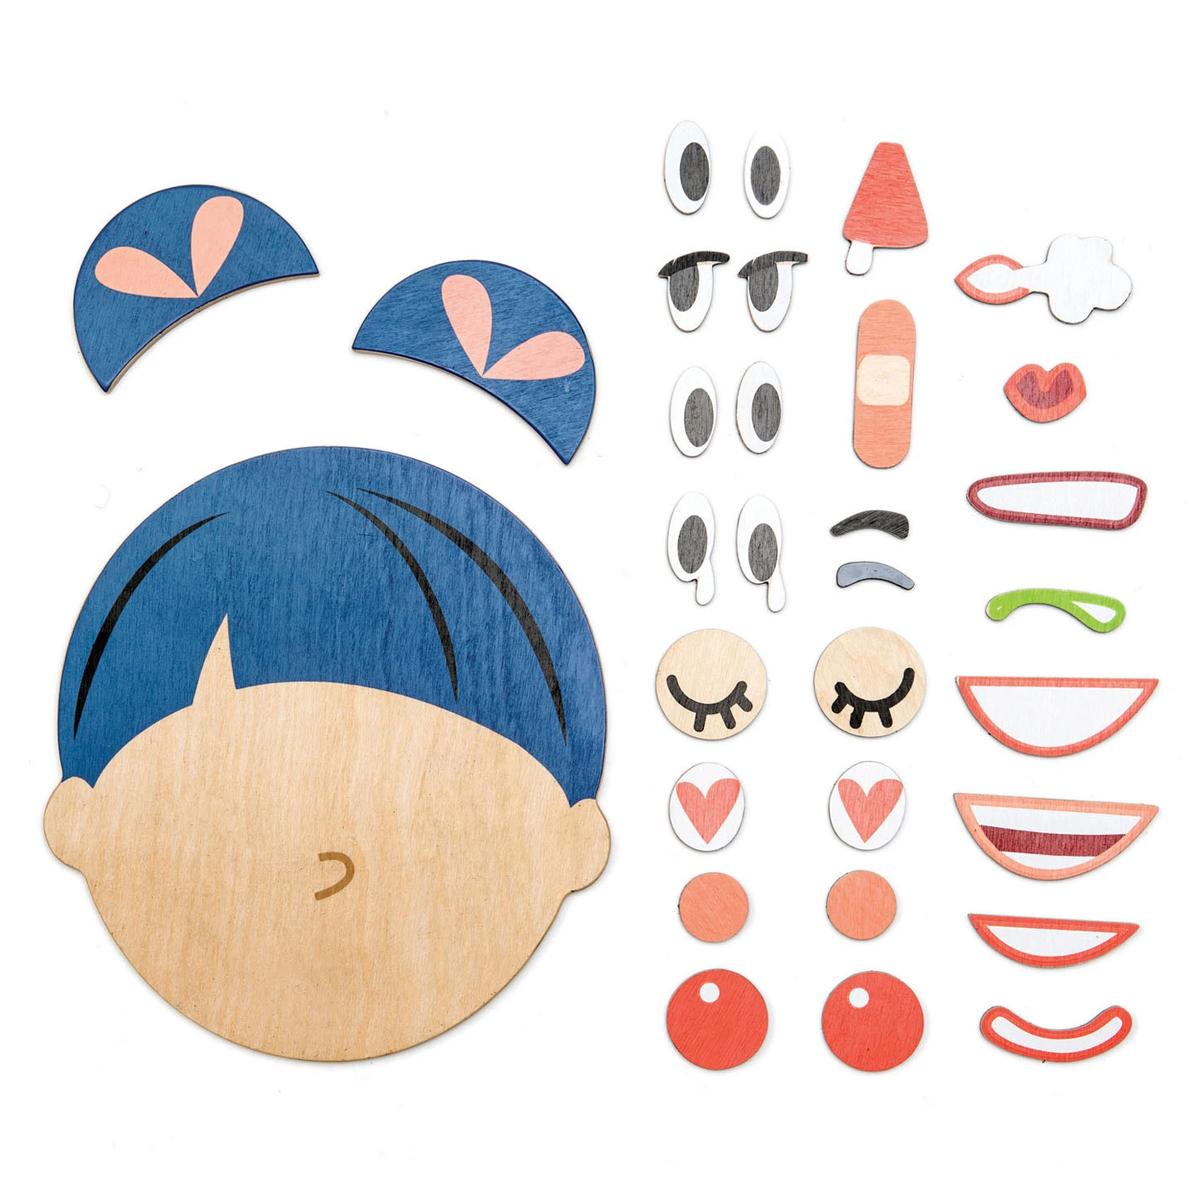 Mes premiers jouets Puzzle des Emotions Tender Leaf Toys - AR202001280120